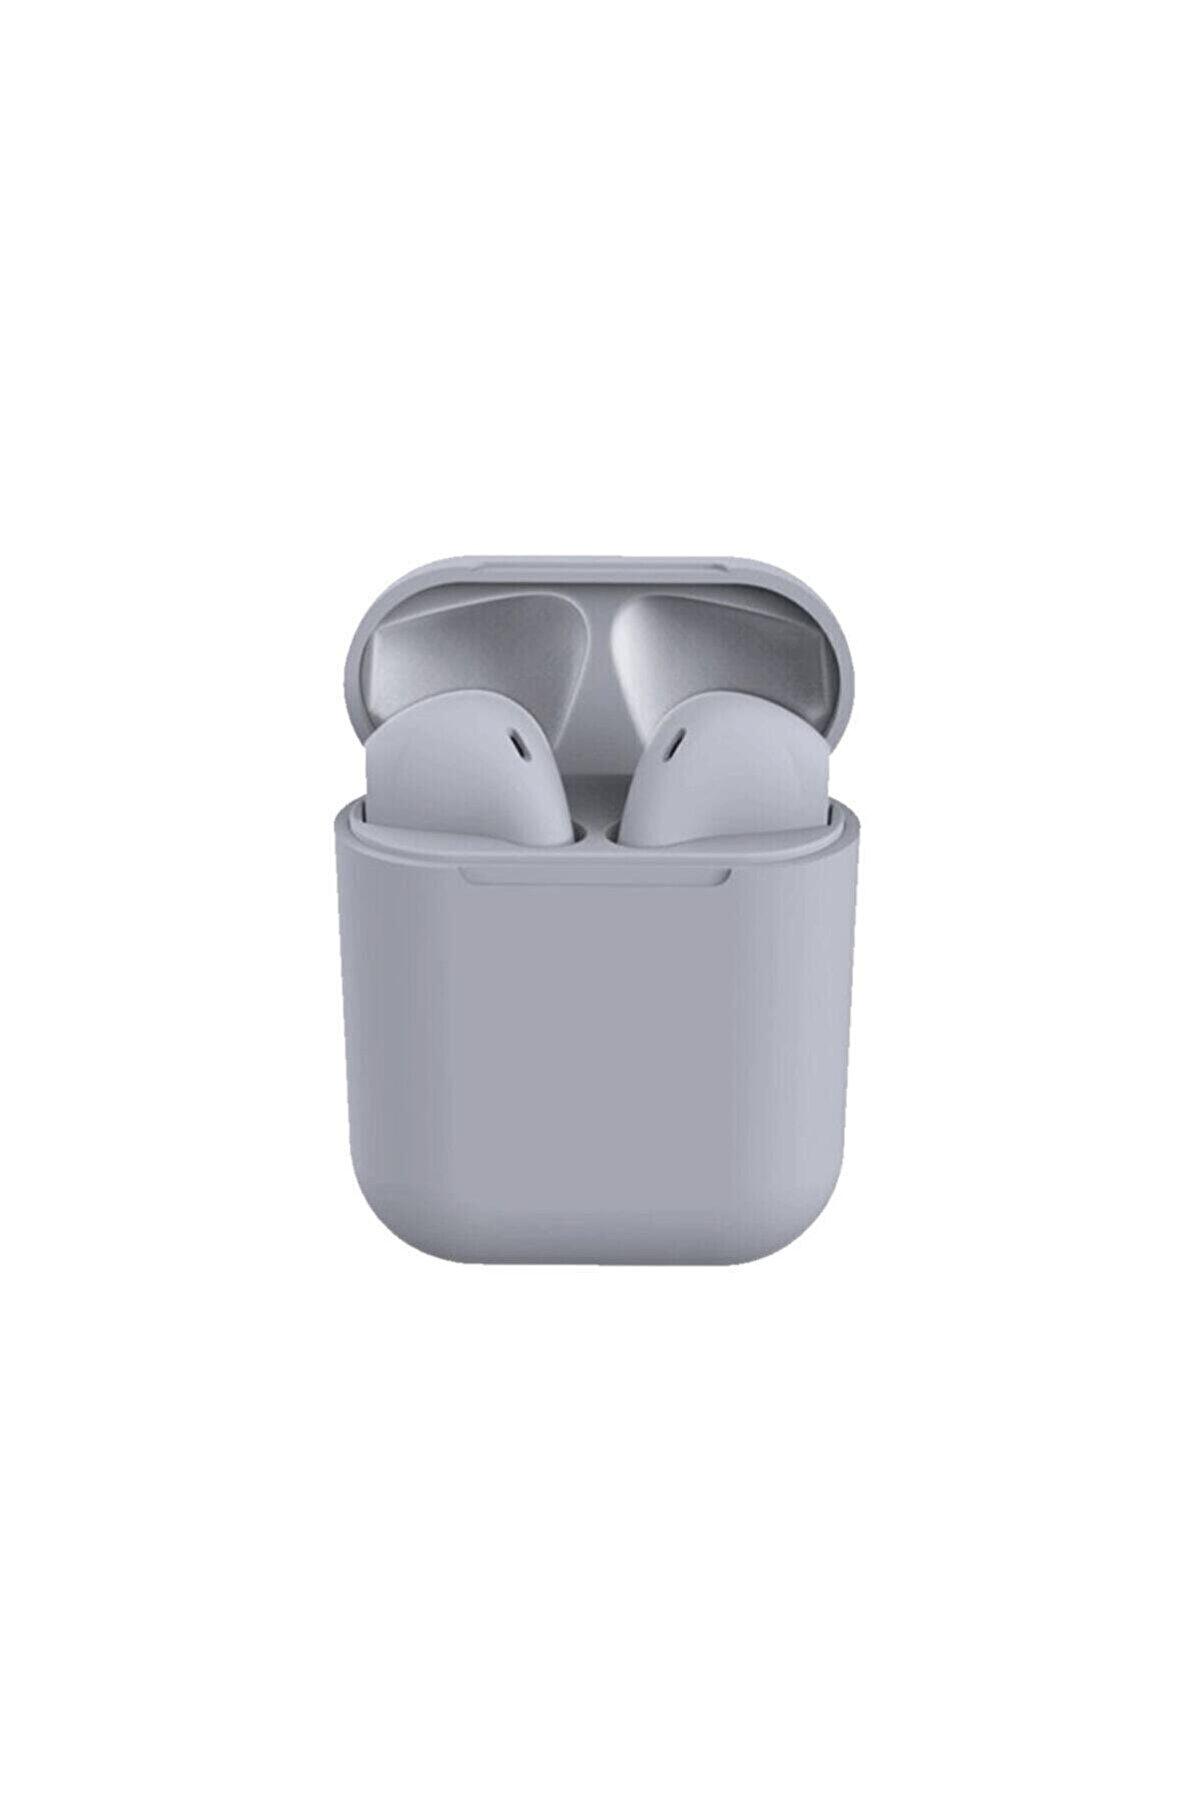 Tws I12 Gri Iphone Android Universal Bluetooth Kulaklık Hd Ses Kalitesi